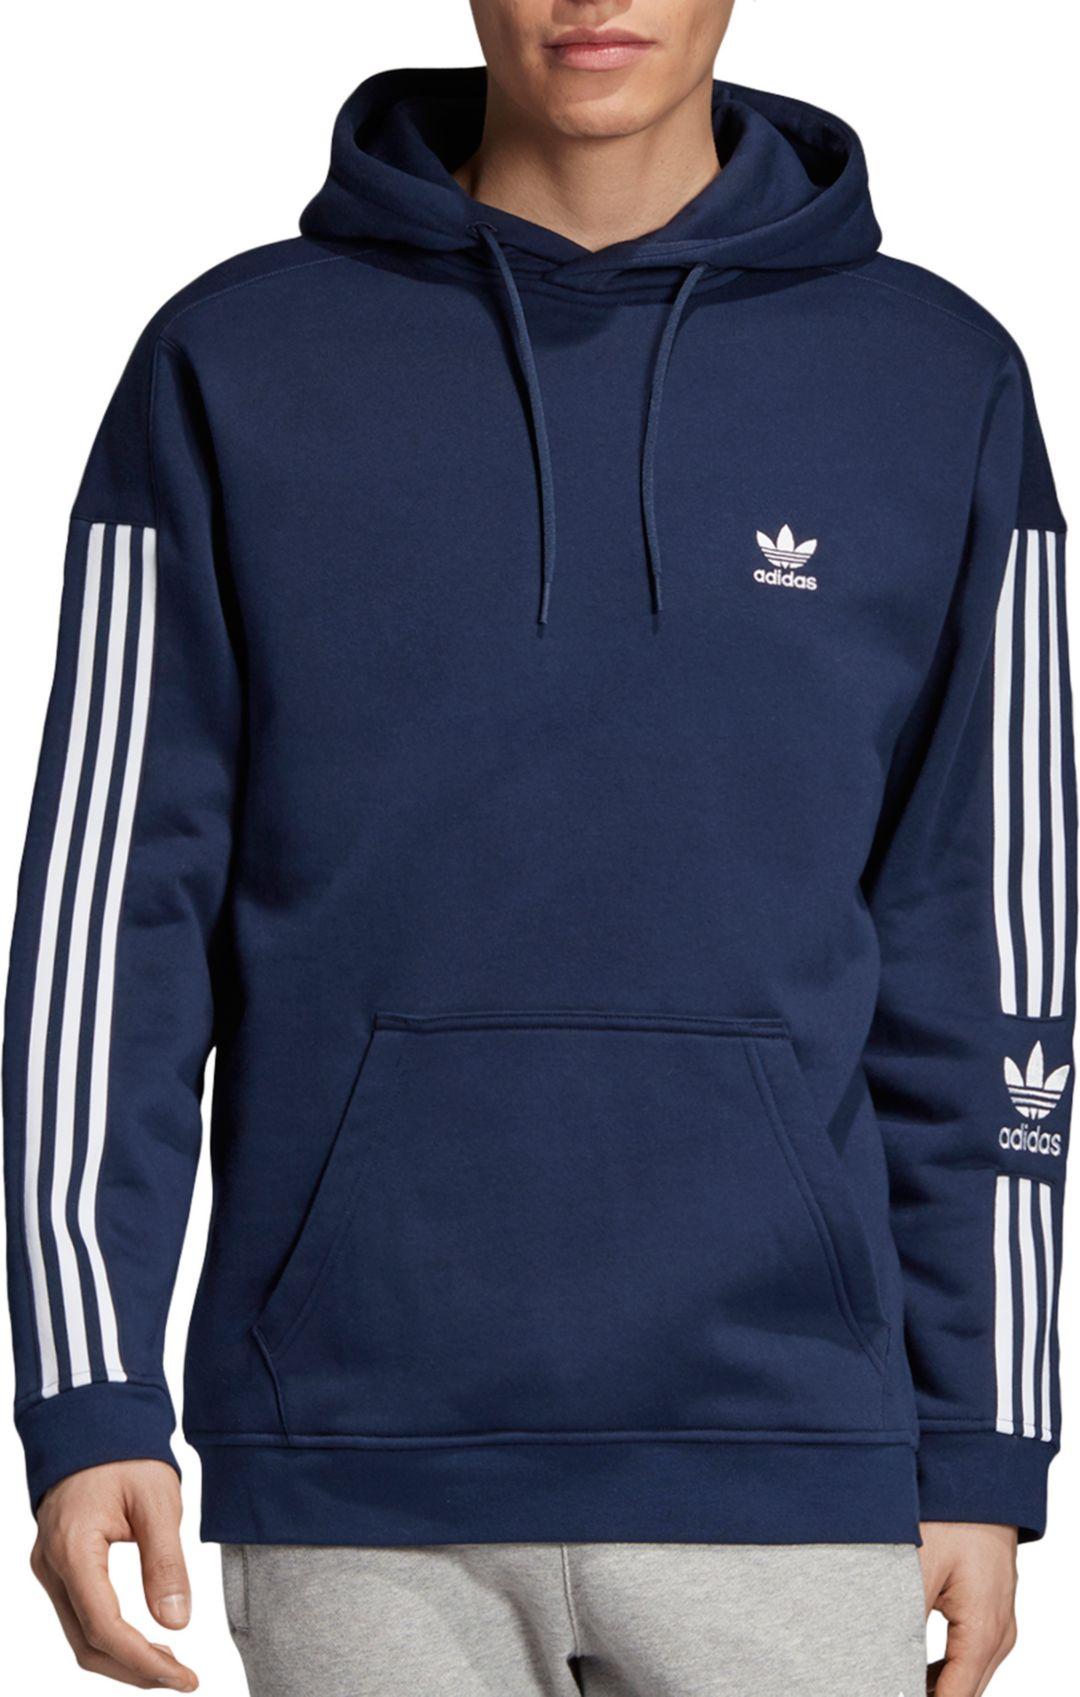 Men's Adicolor Hoodie Originals Men's Adidas Originals Adidas ukPZOiX